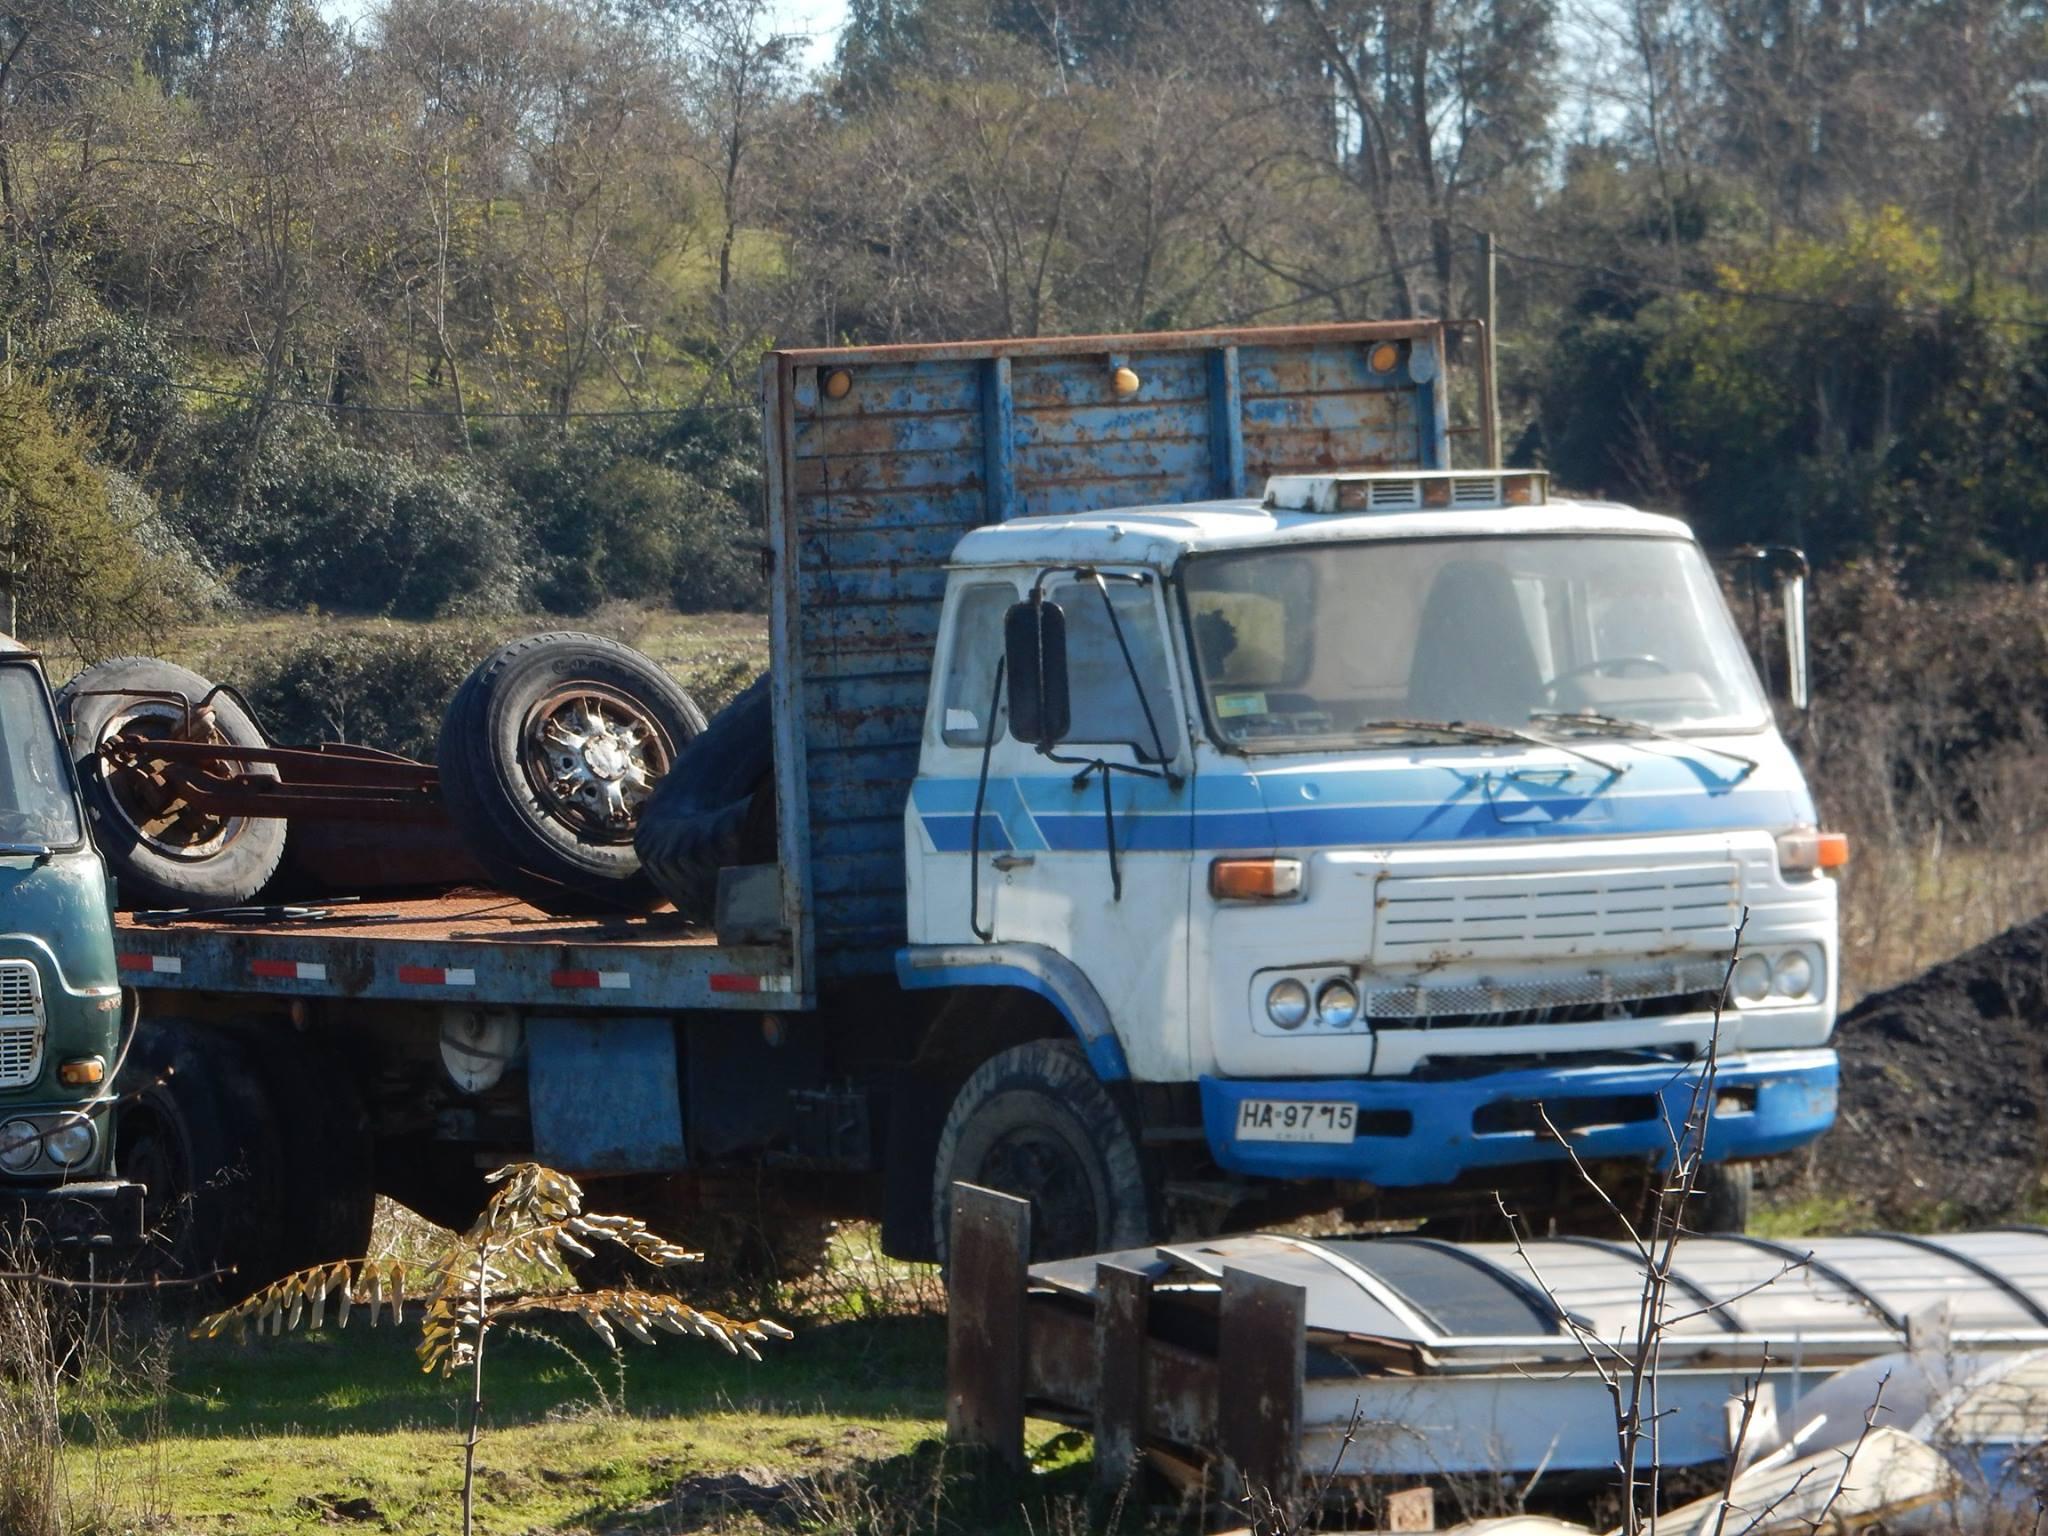 Camiones-vieja-escuela-olvidados-122